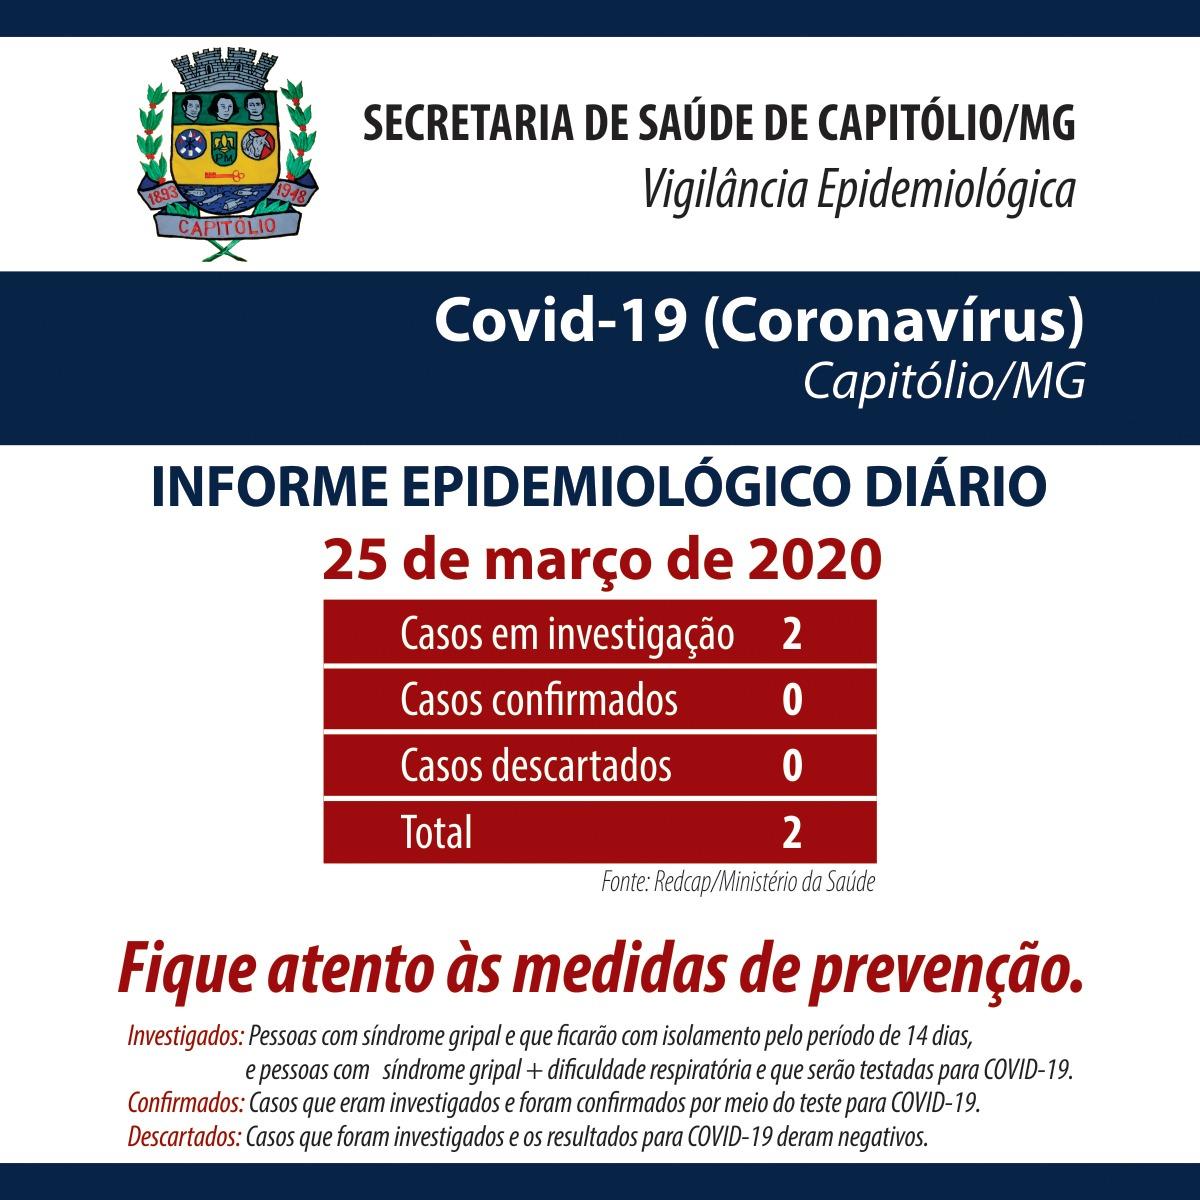 Informe epidemiológico 25 março 2020